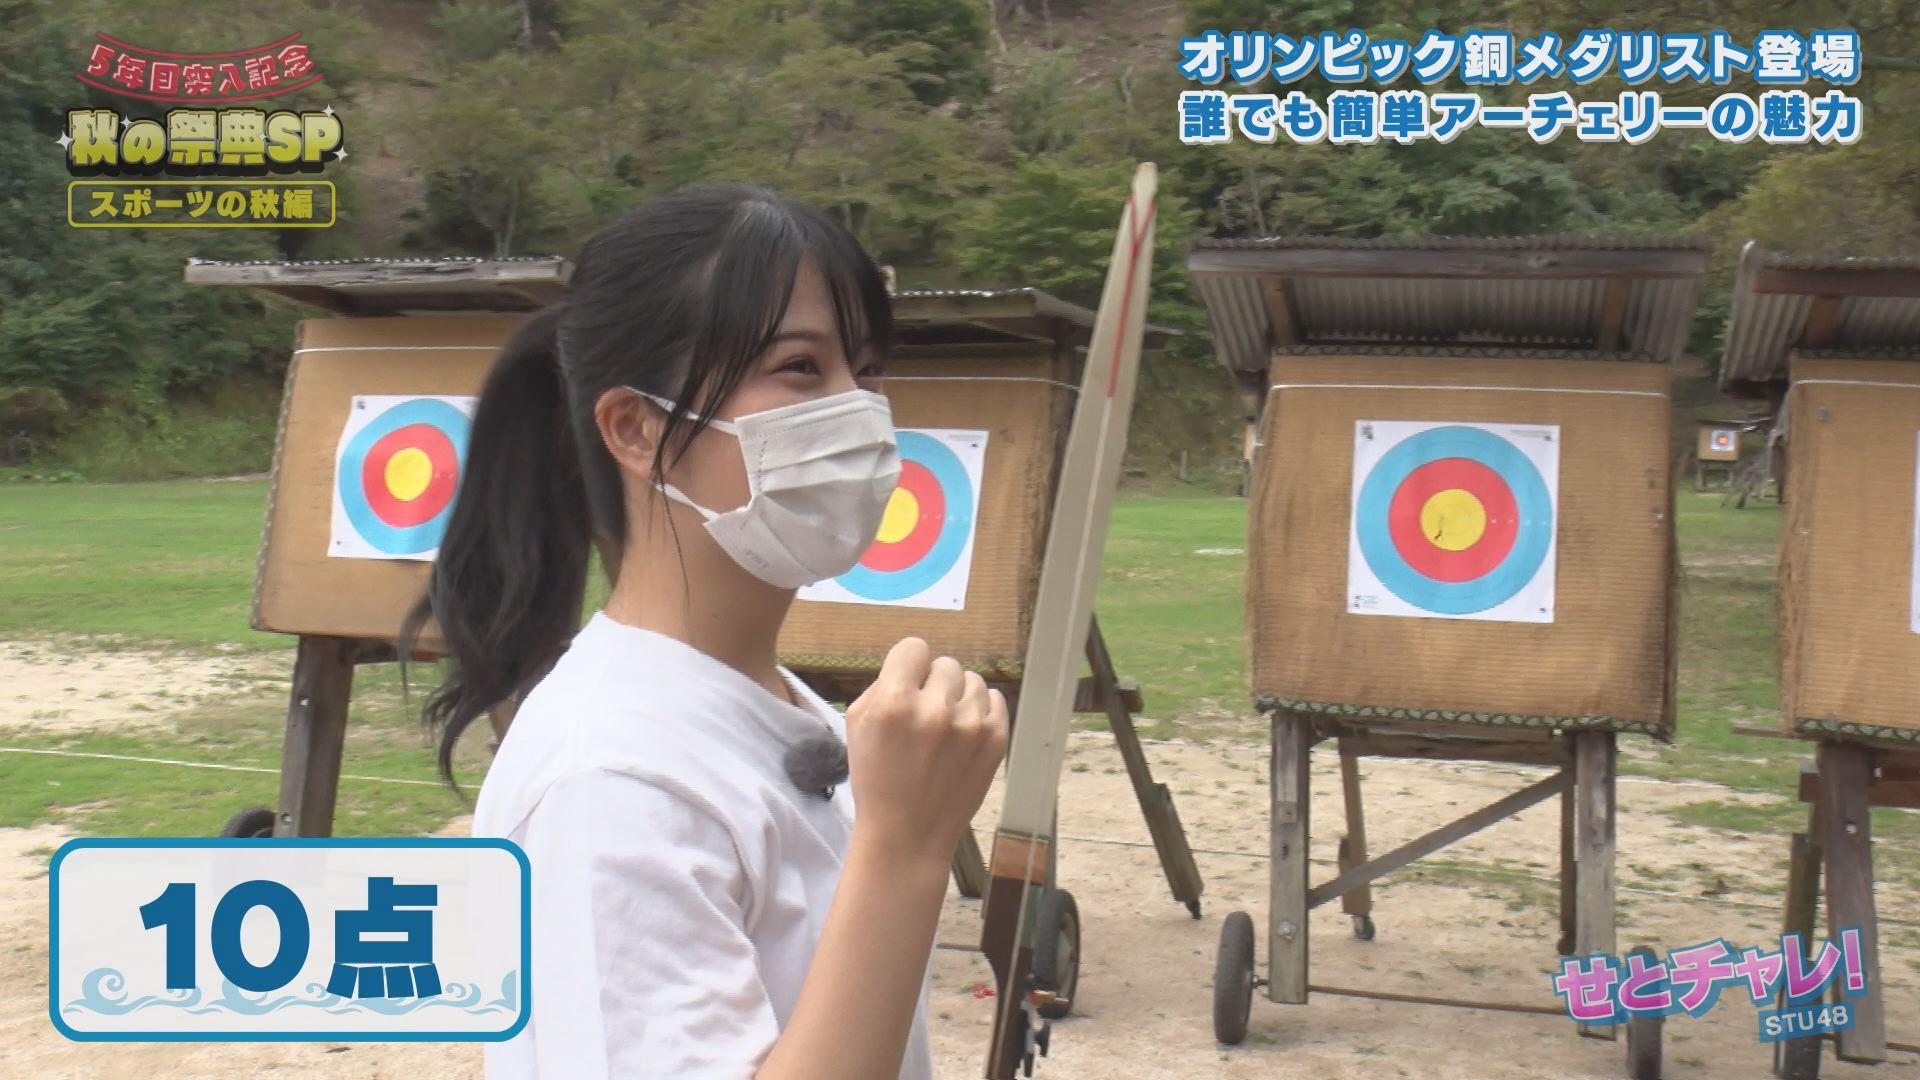 STU48チーム矢野帆夏の第1投は奇跡のど真ん中命中